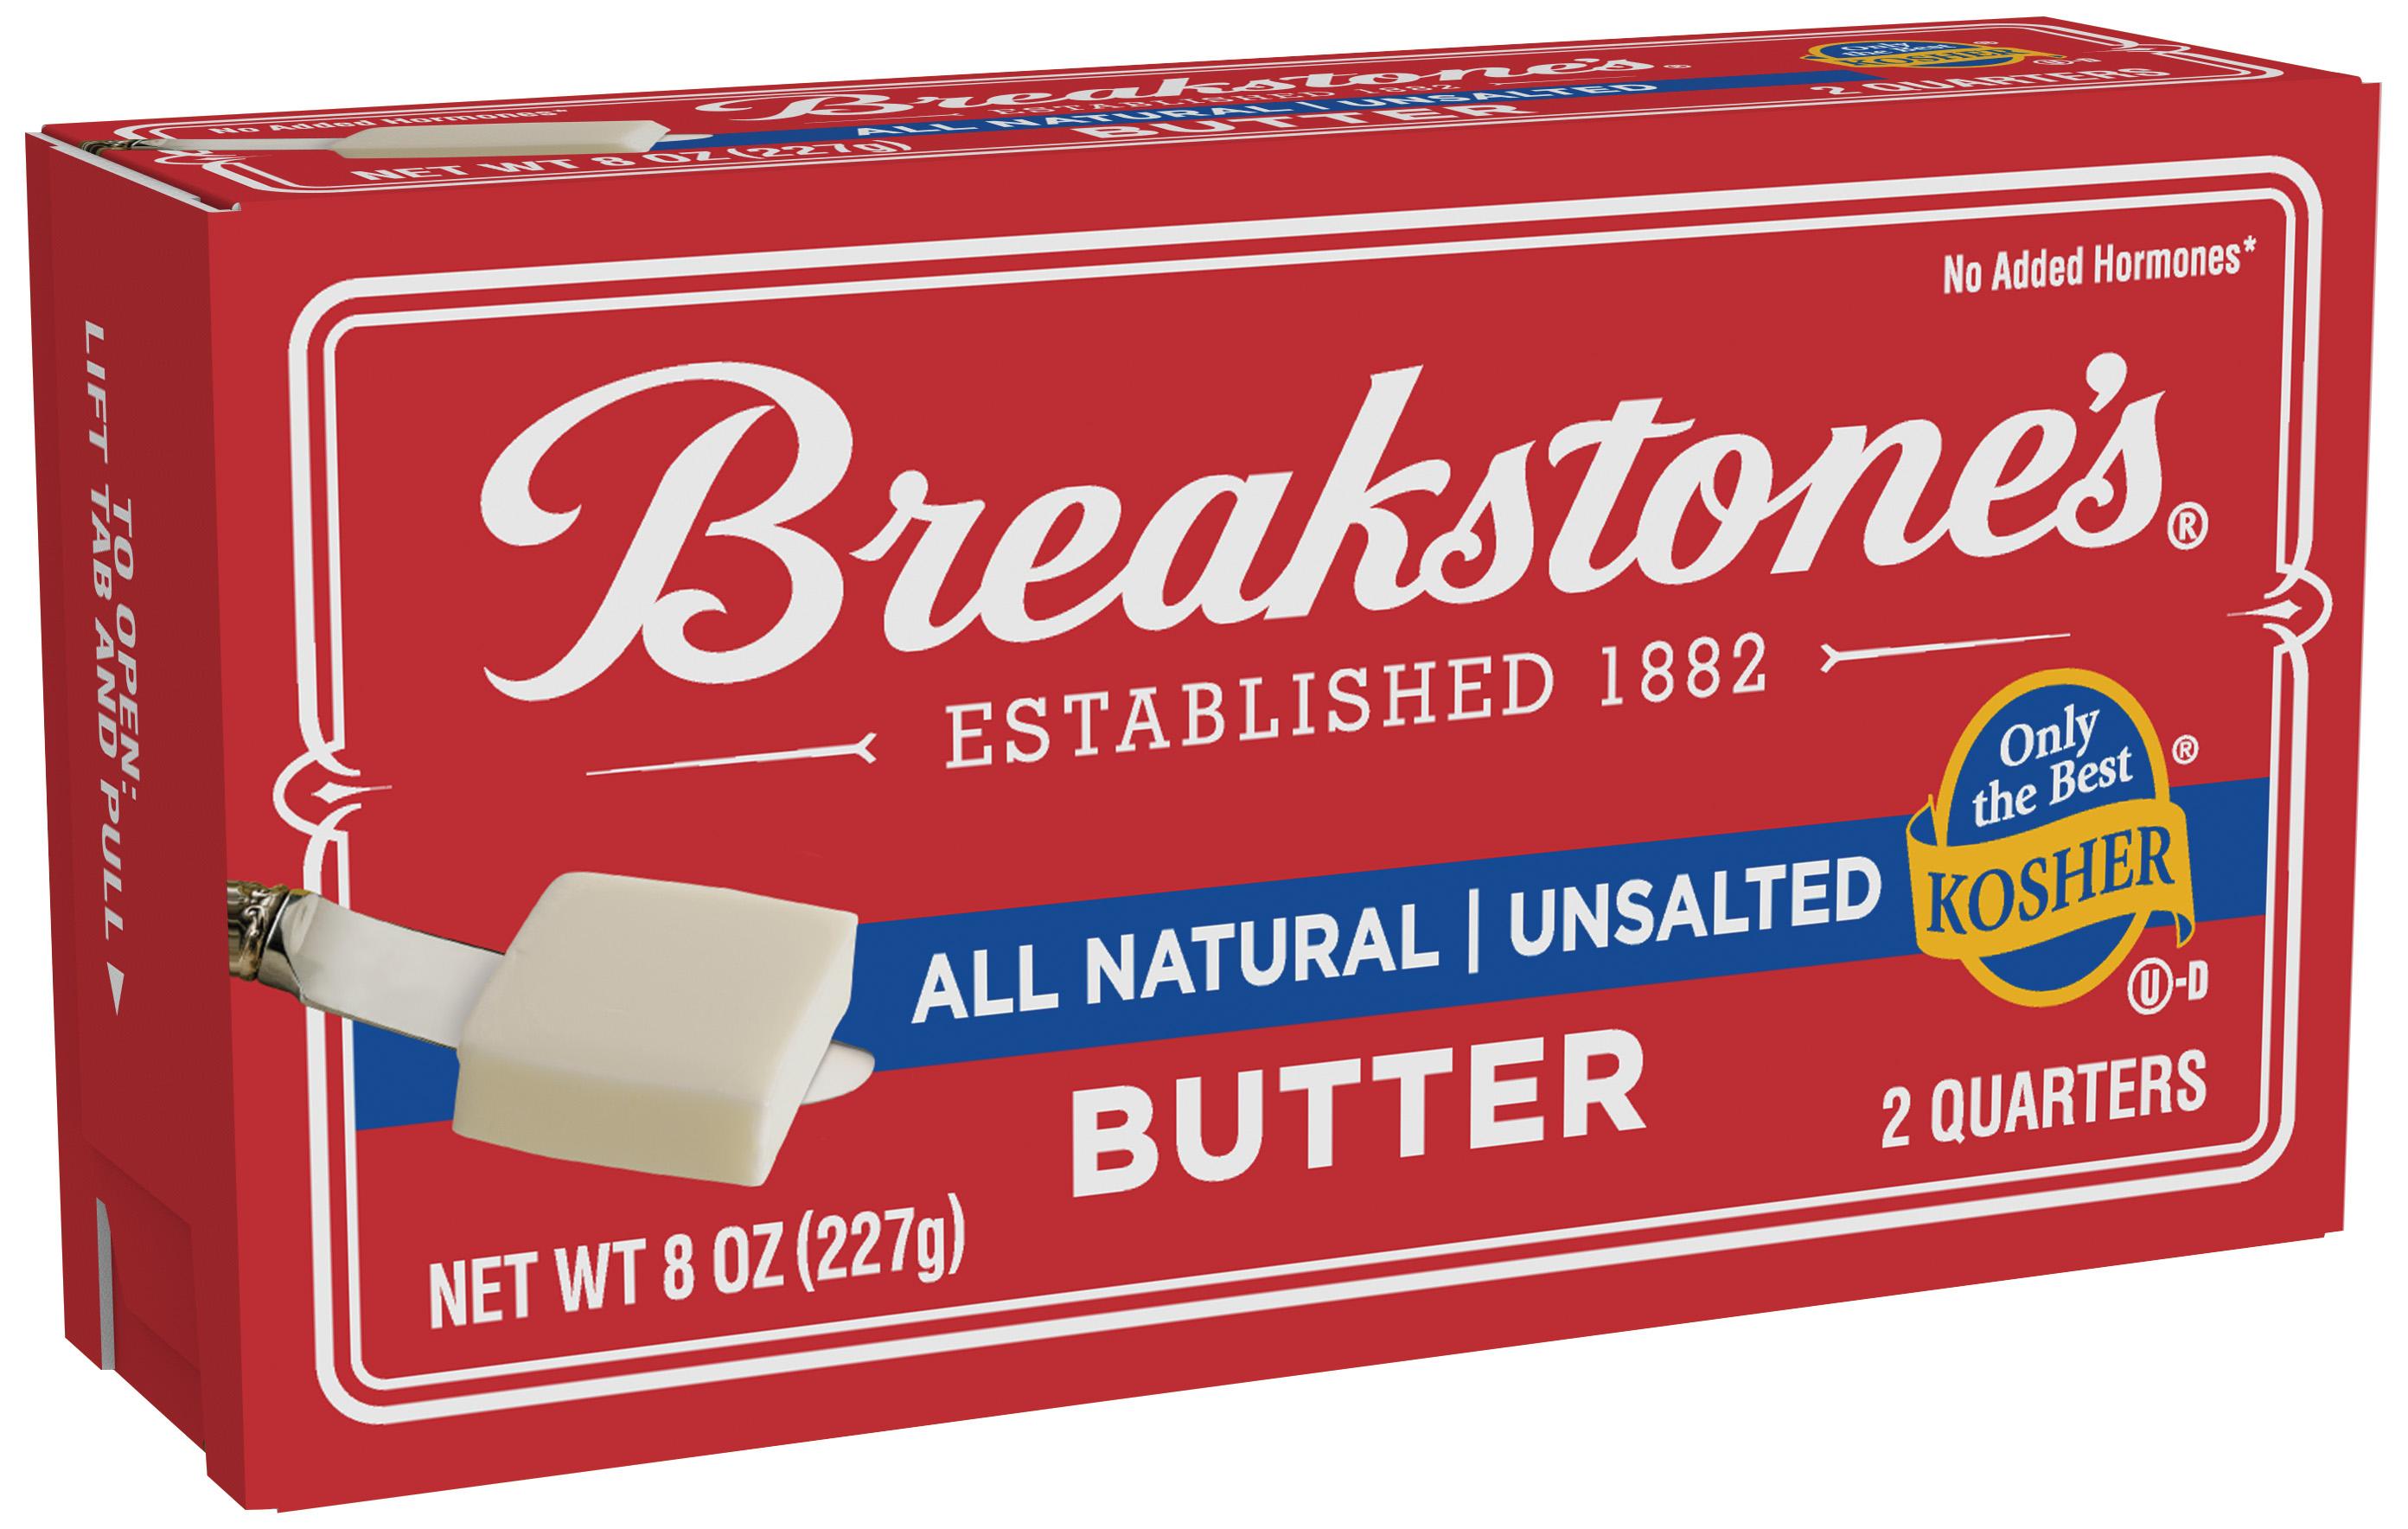 Breakstones Butter Sweet